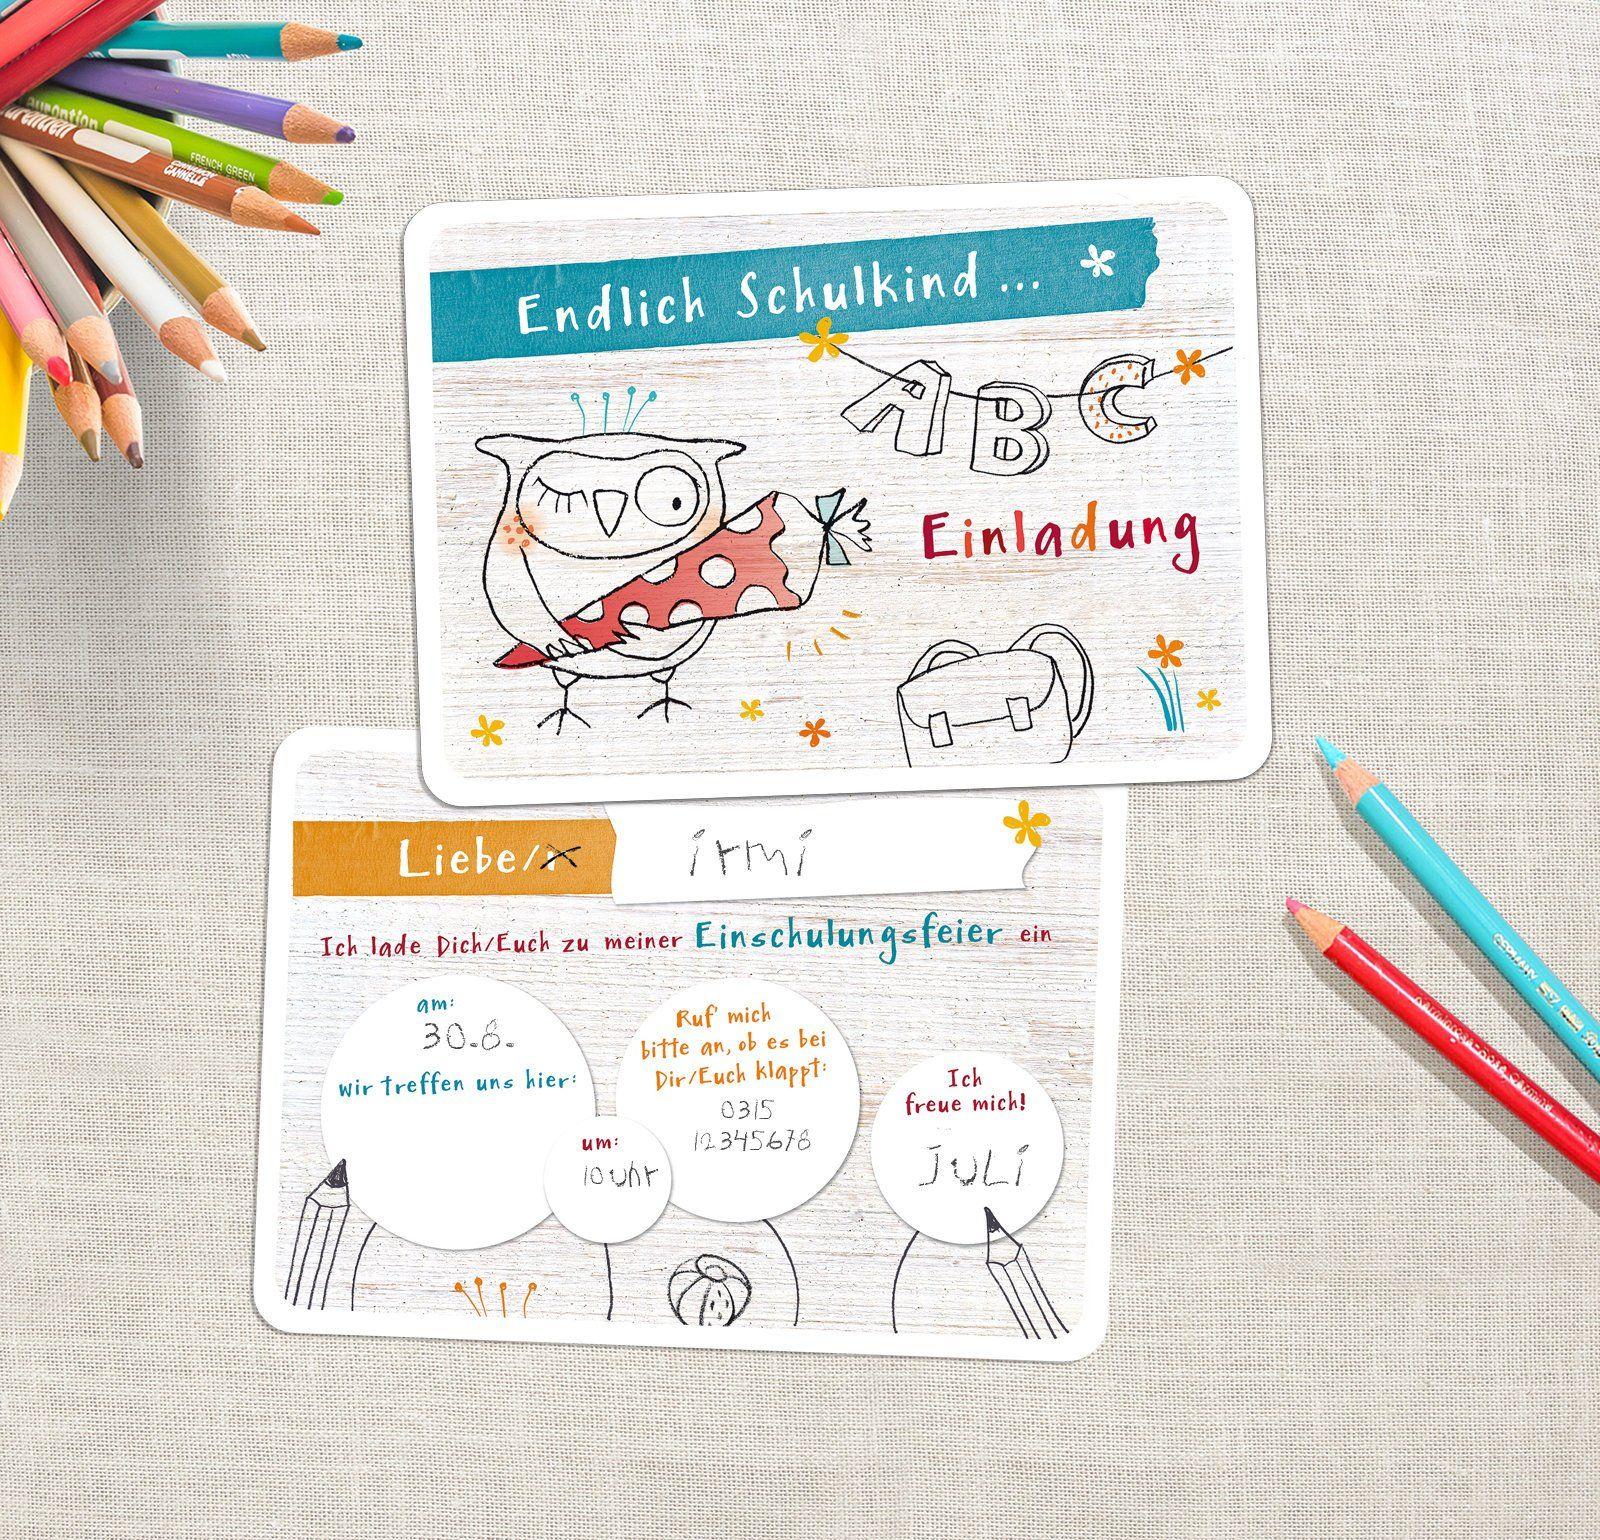 invitations beginning of school invitation cards enrolment